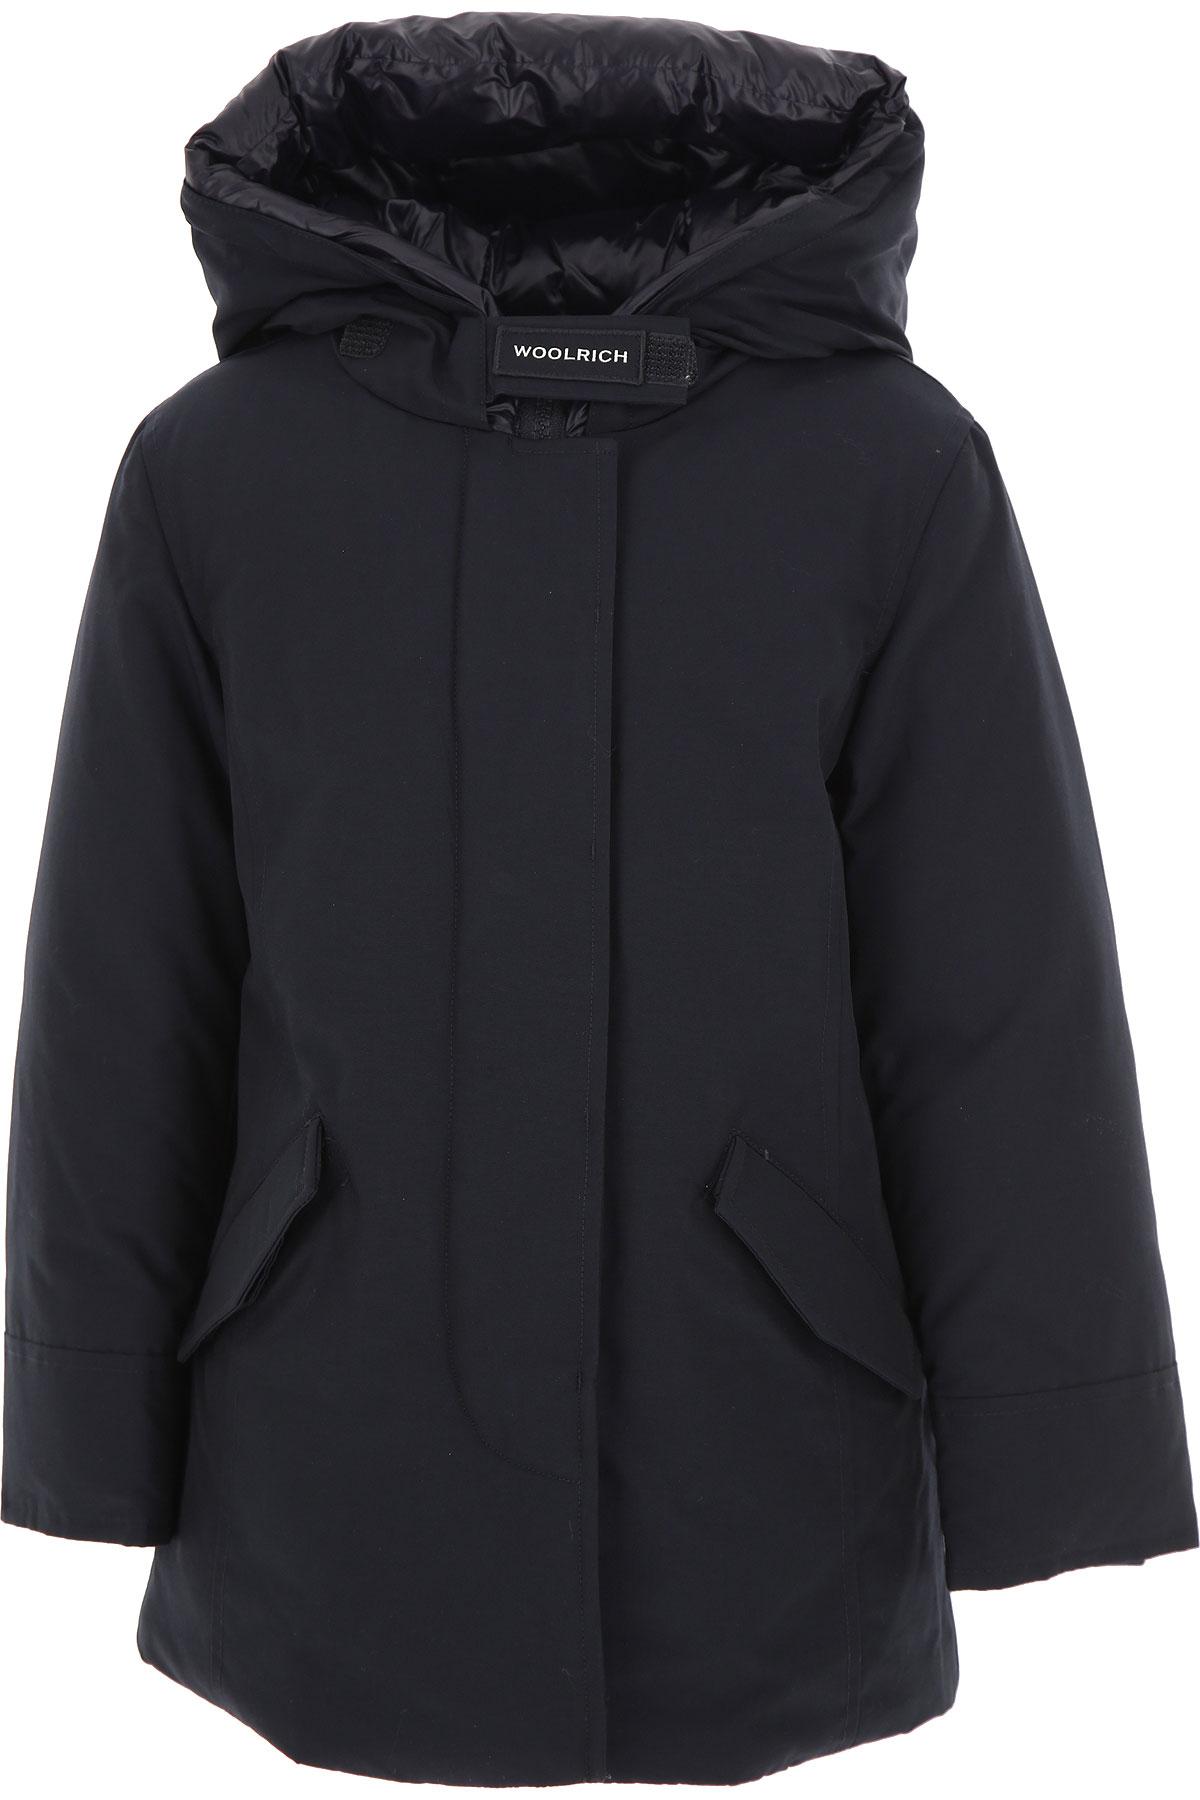 Woolrich Boys Down Jacket for Kids, Puffer Ski Jacket On Sale, Melton Blue, Cotton, 2019, 10Y 12Y 14Y 6Y